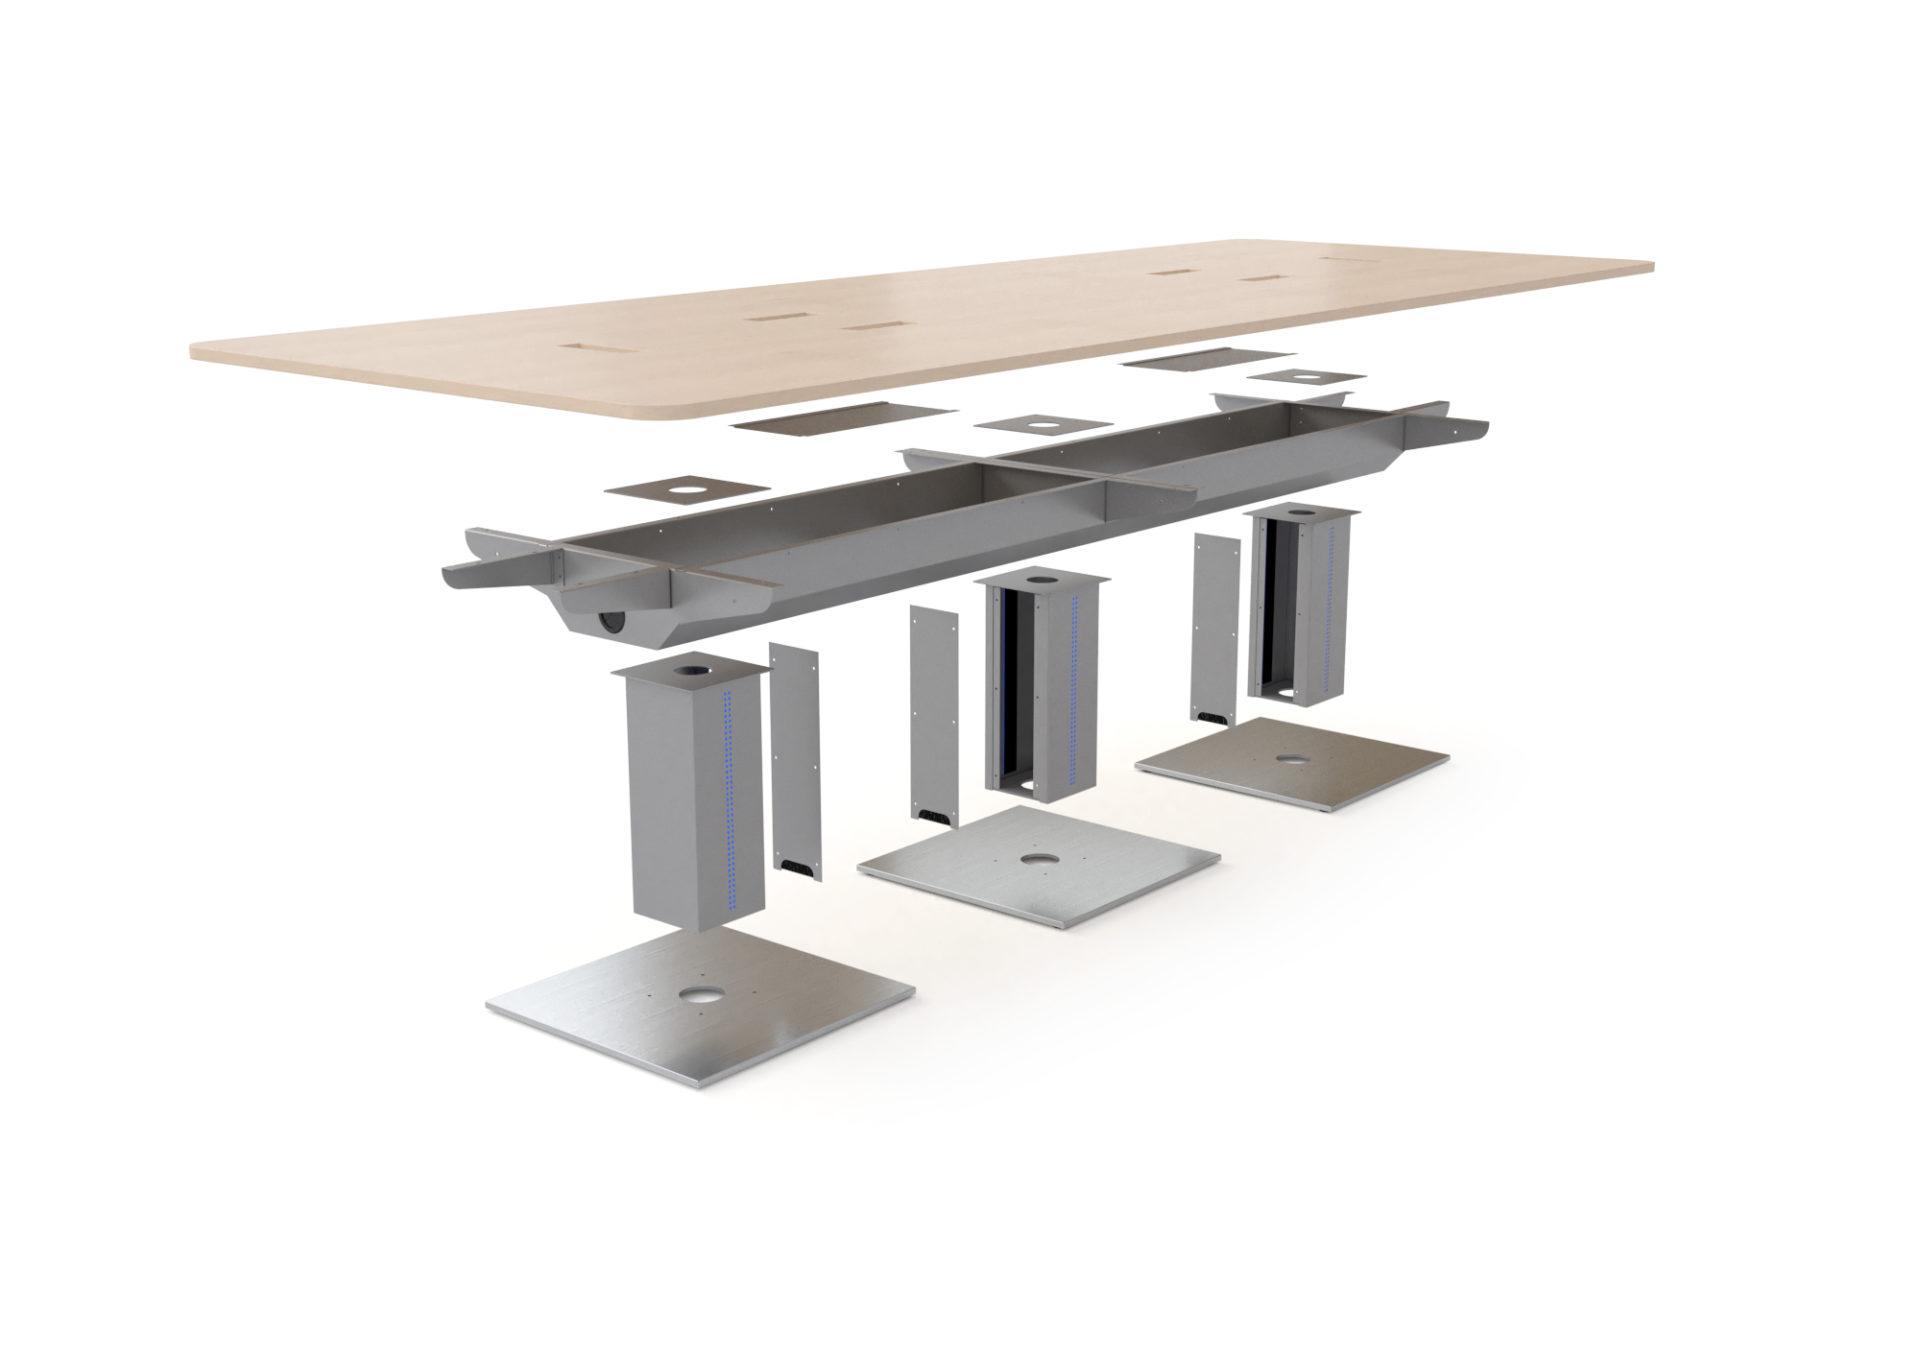 Structure d'une table de réunion